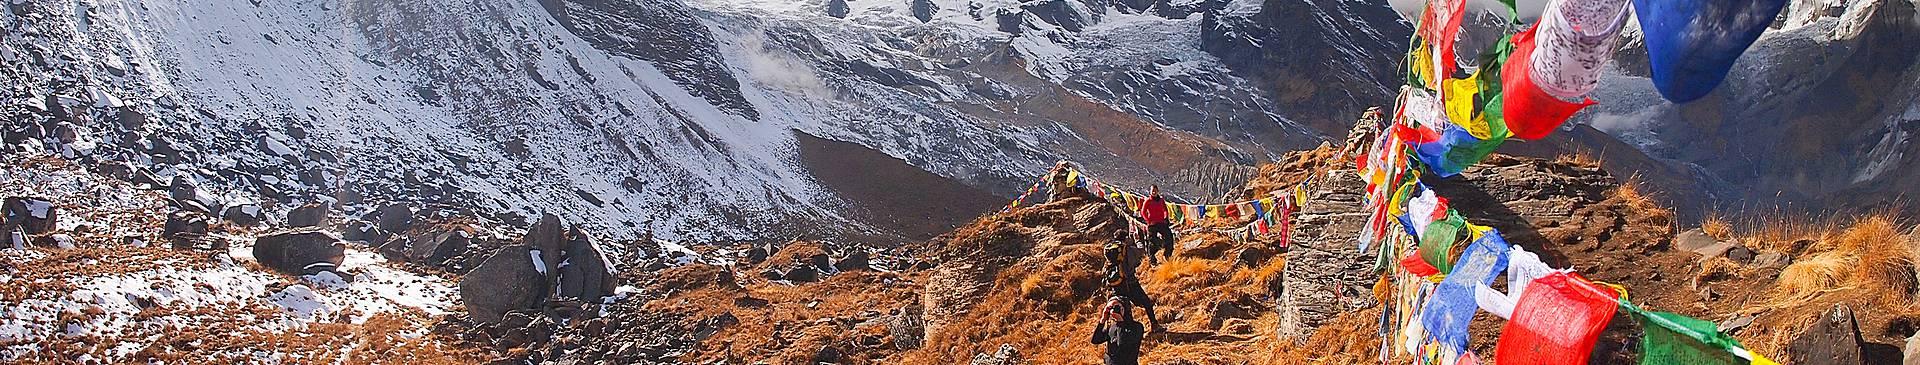 Viaggio in Nepal a luglio